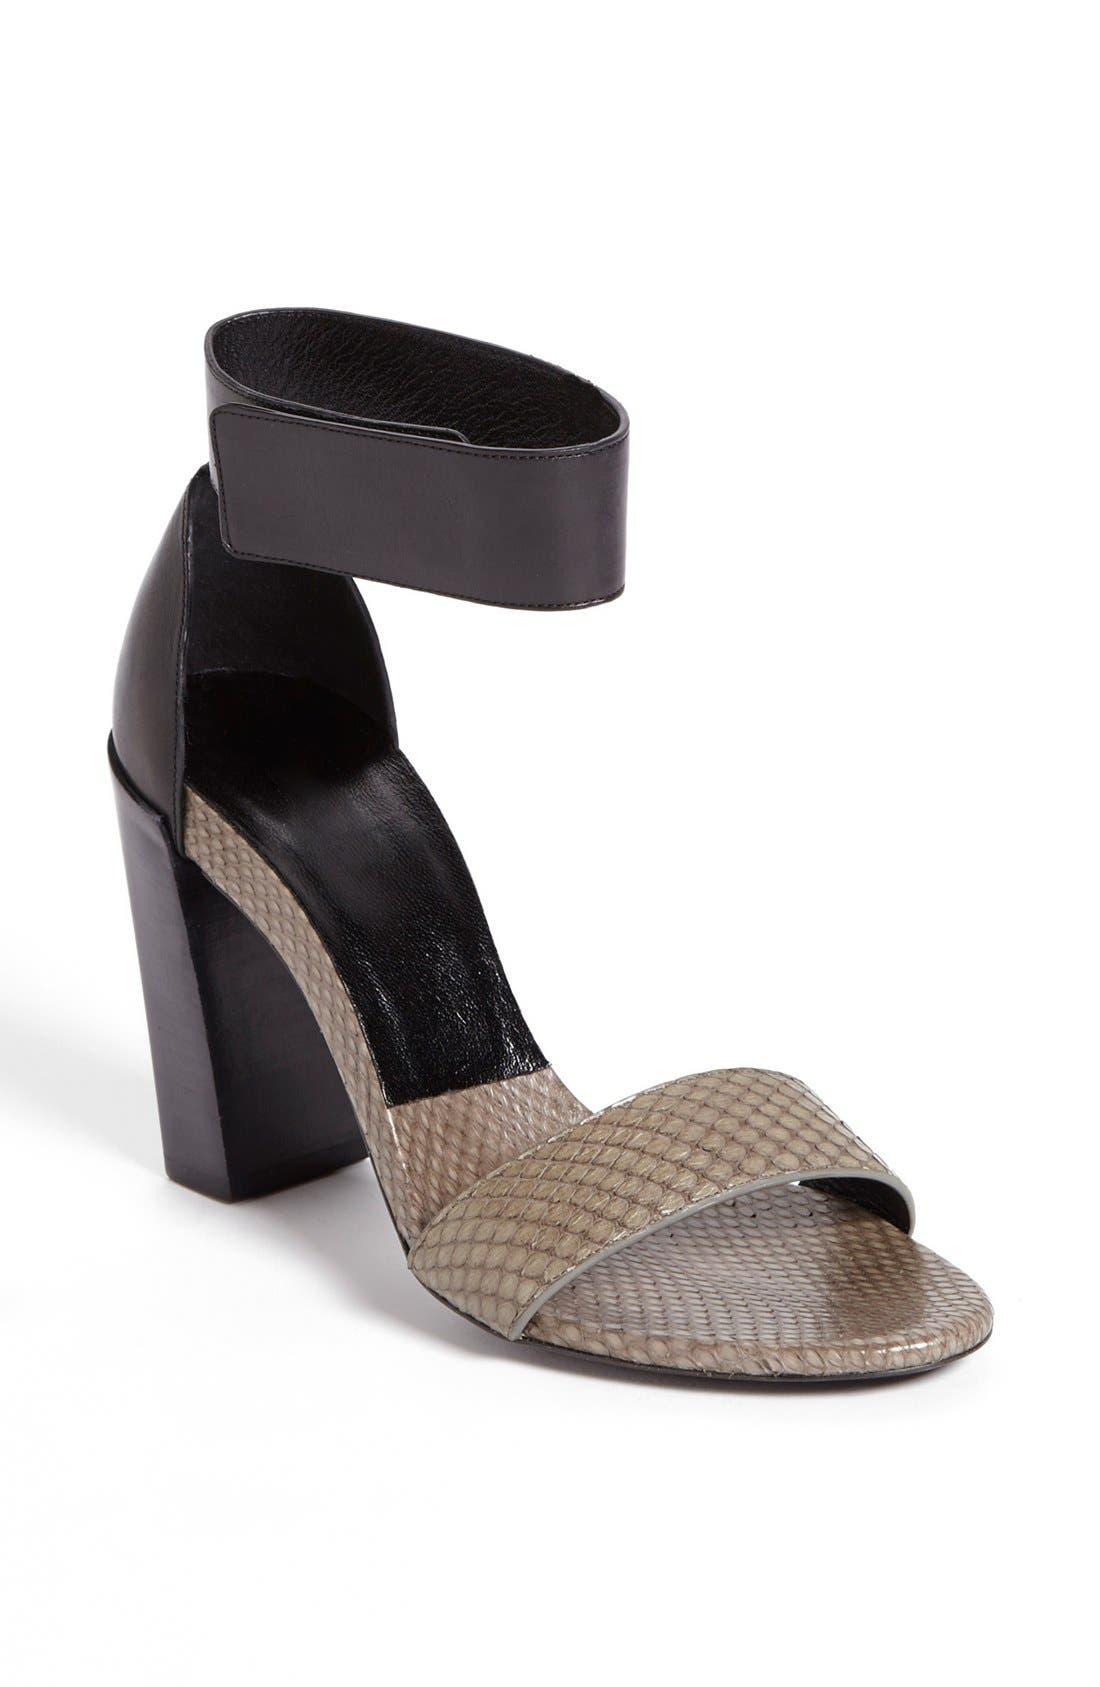 Main Image - Chloé 'Bema' Ankle Strap Sandal